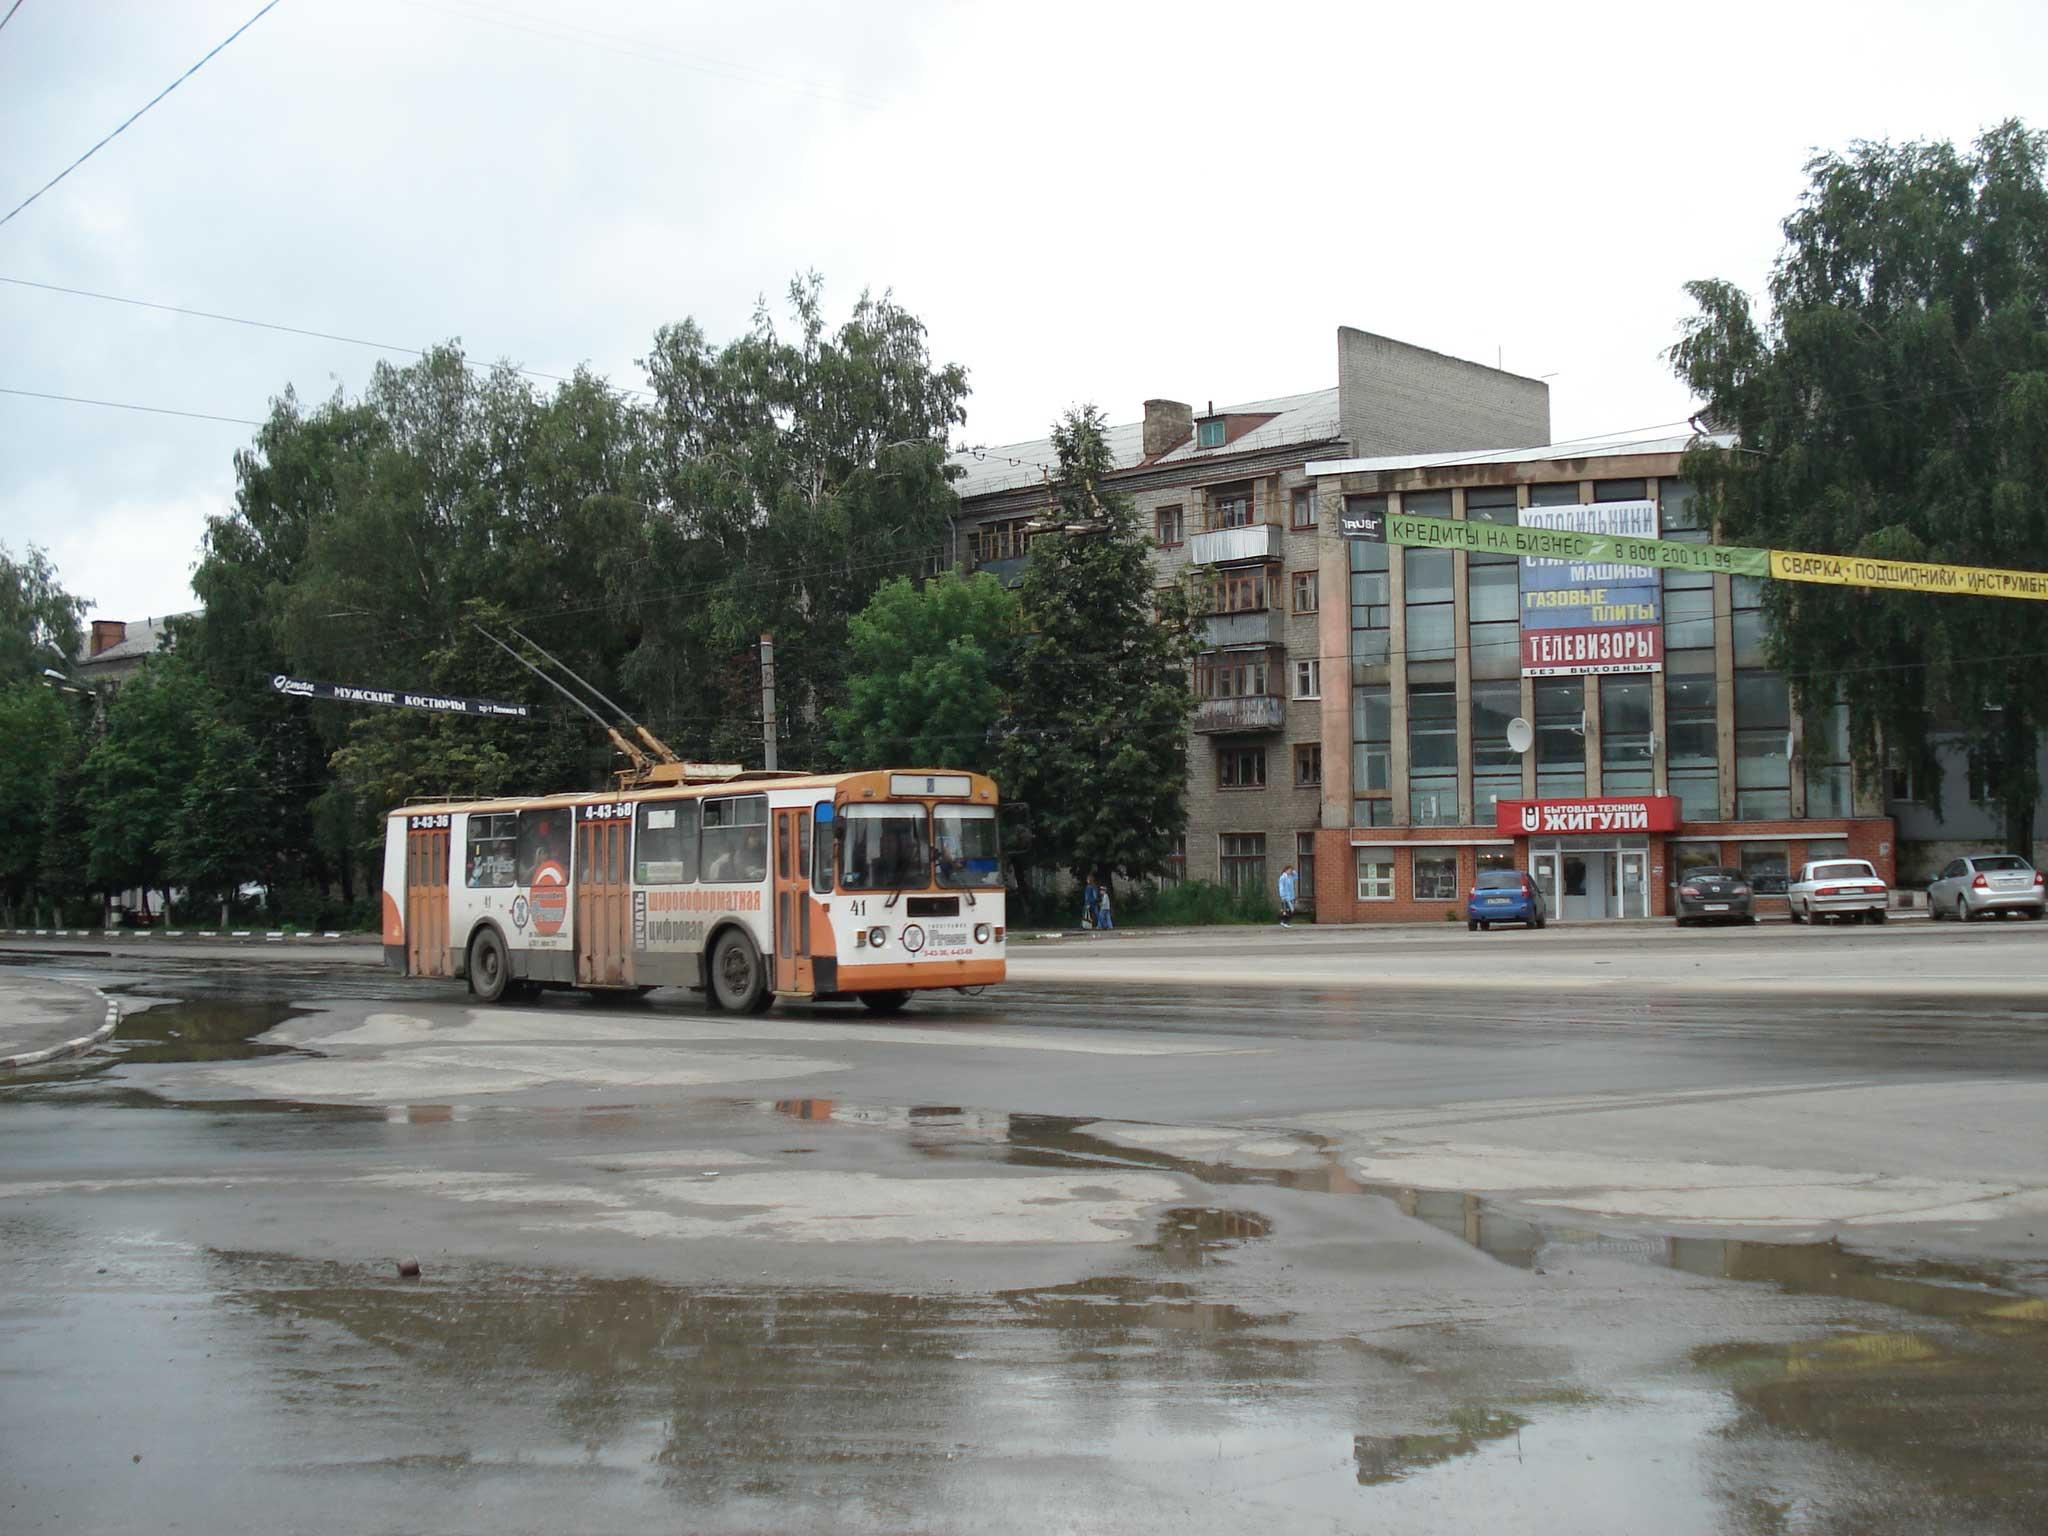 г ковров карта схема маршрута тролебусов